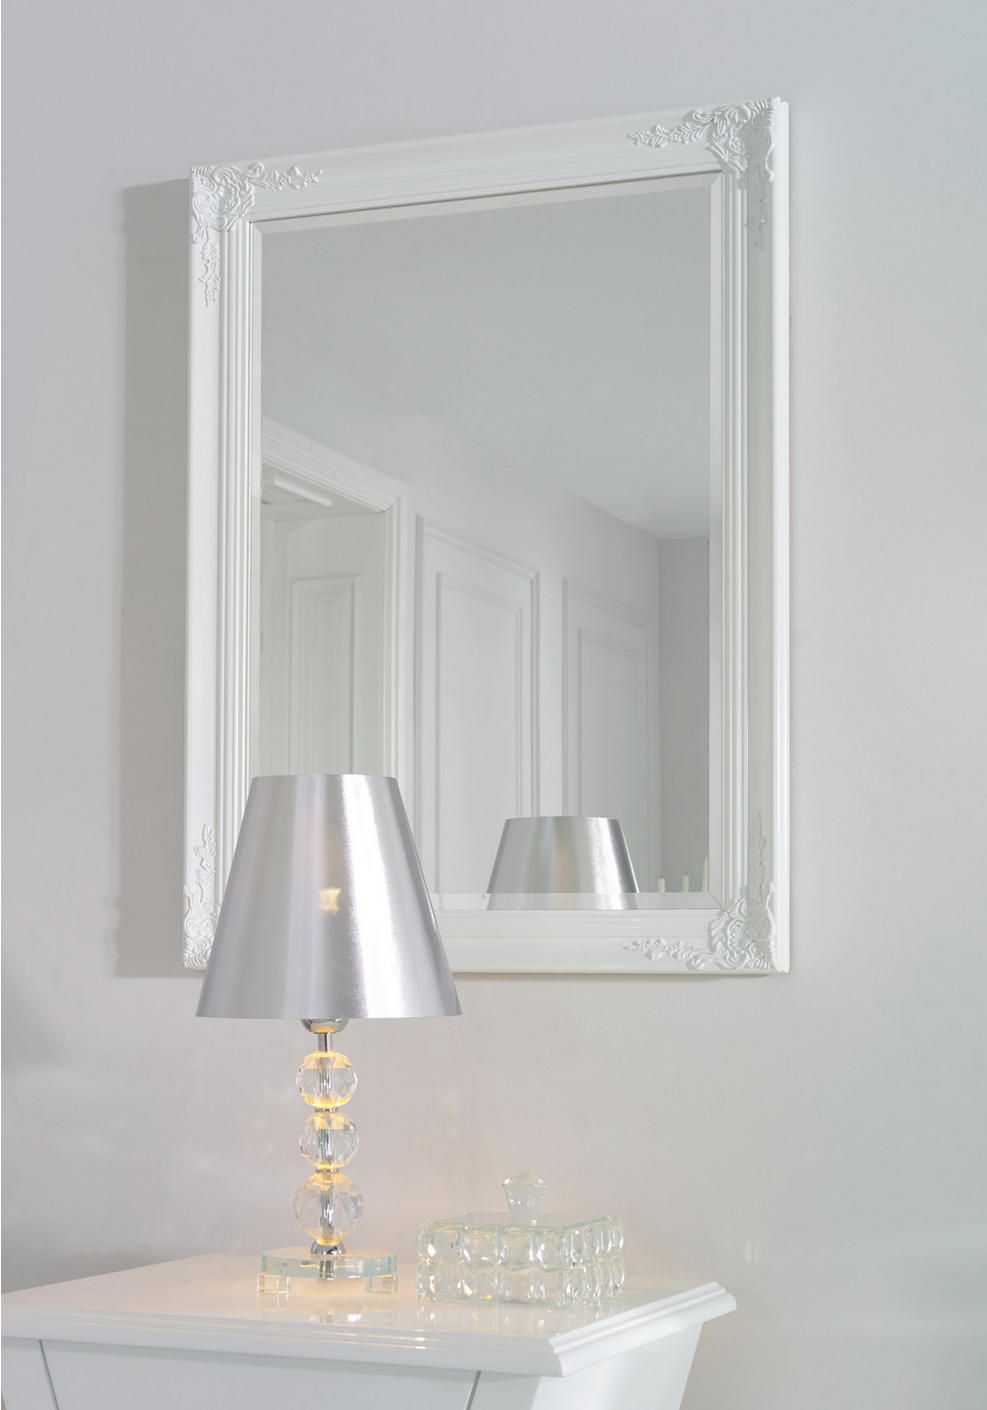 Spiegel, Wandspiegel mit weißem Rahmen  Weißer rahmen, Spiegel